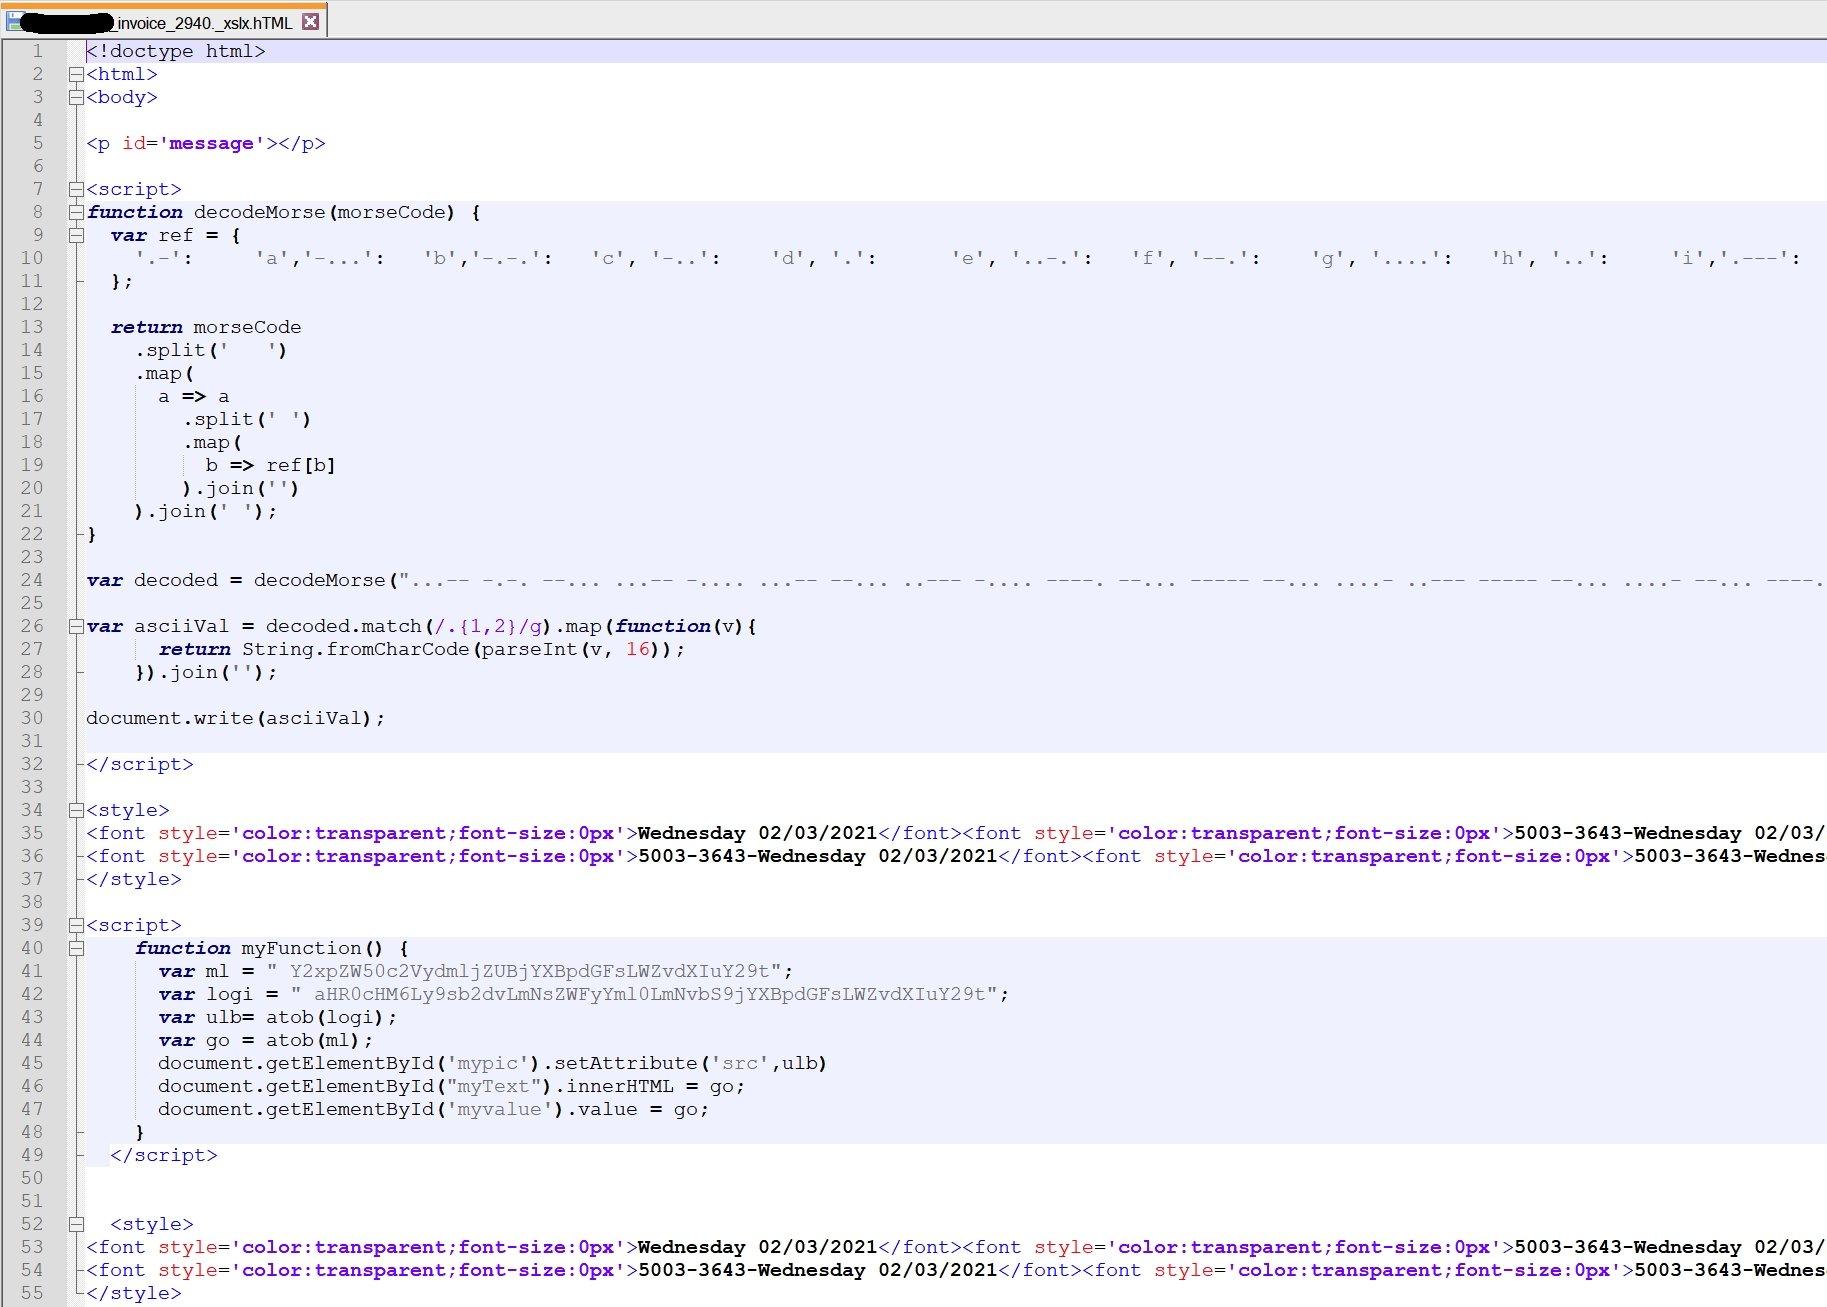 código morse em ataque de phishing